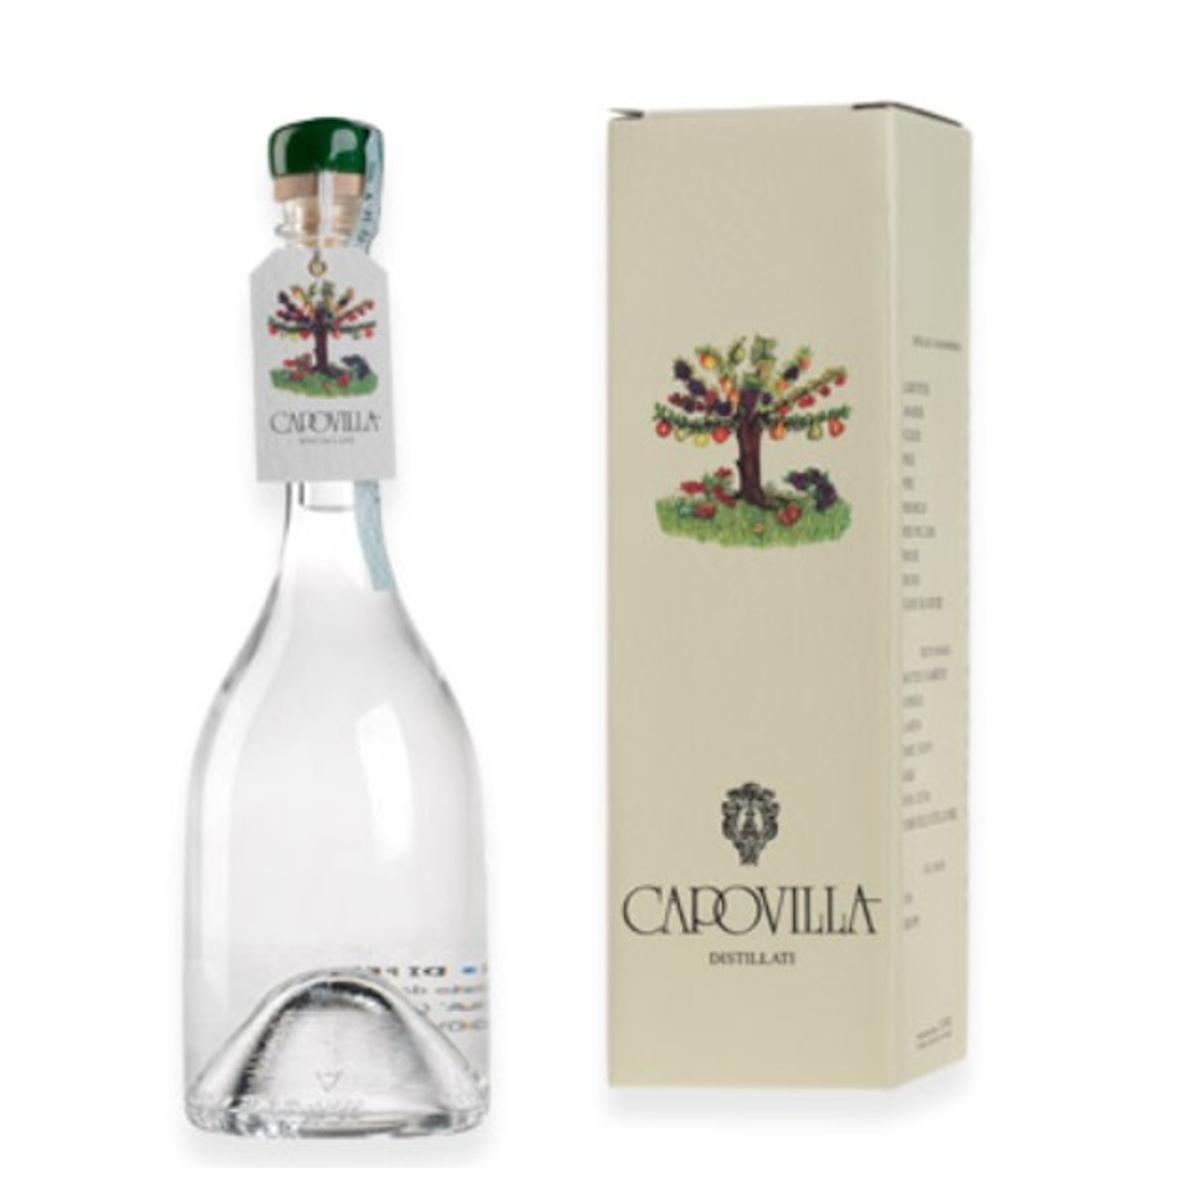 Distillato di Pere Williams - Williamsbirnenbrand - Capovilla Distillati